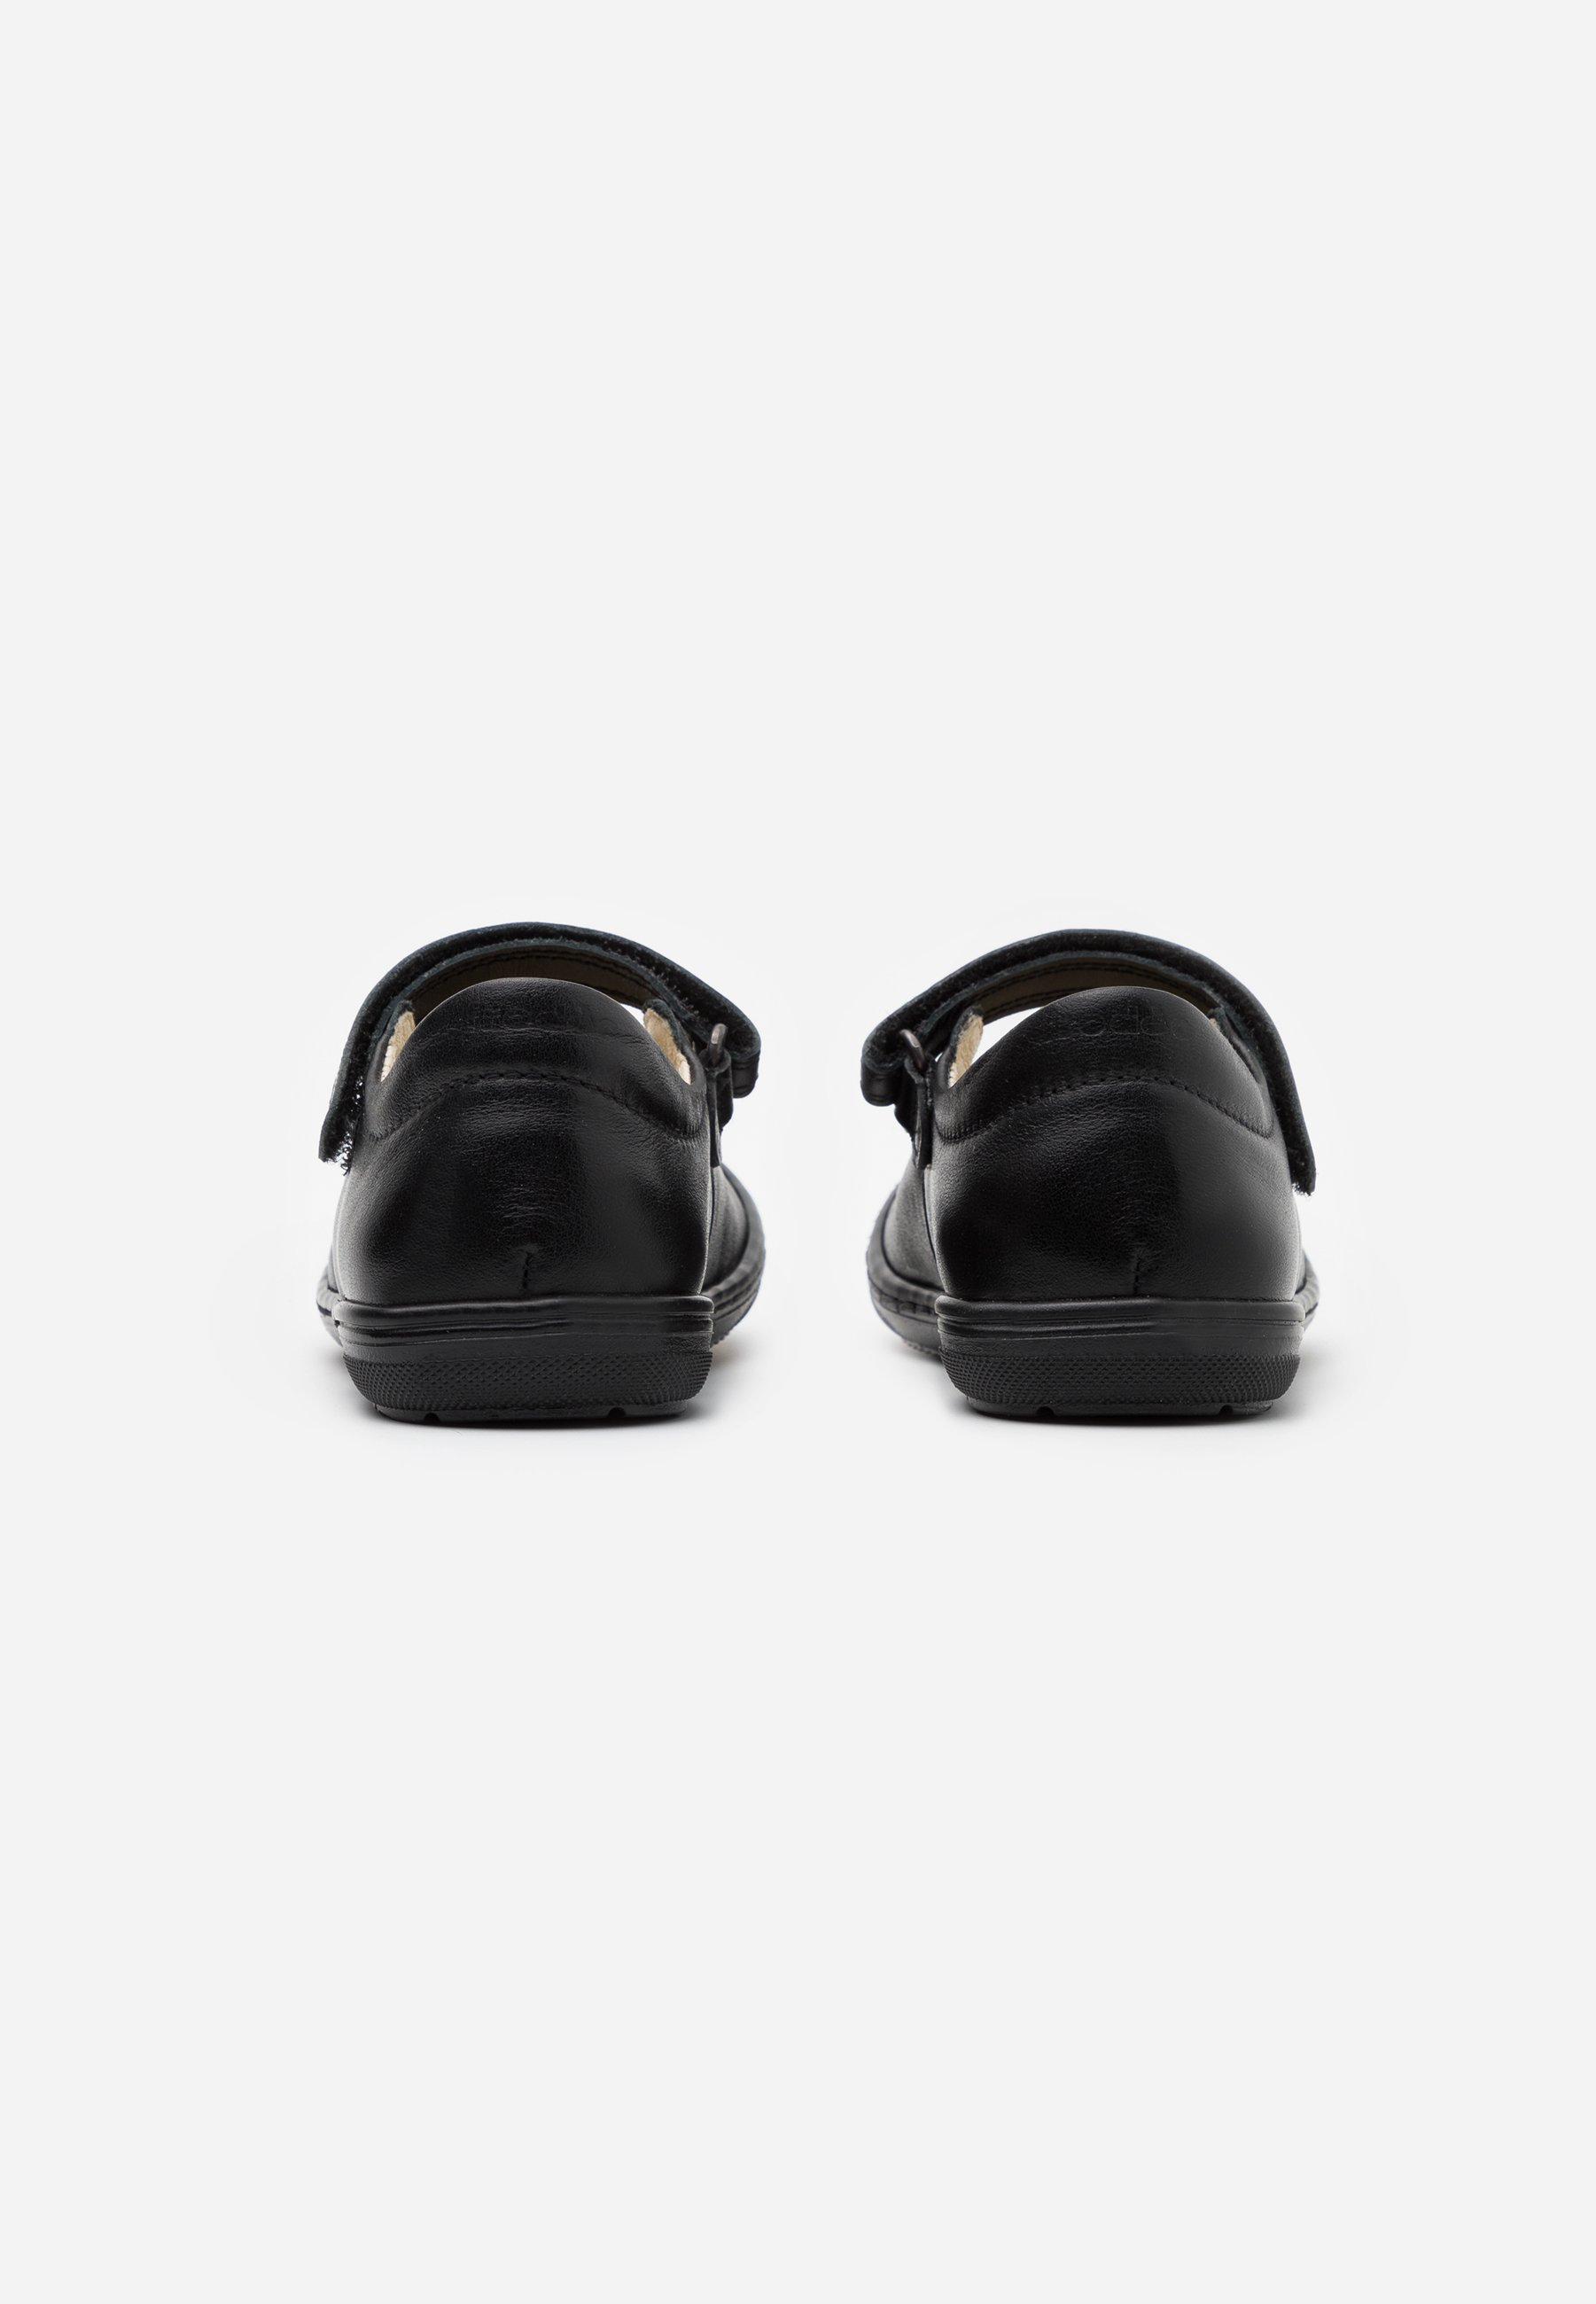 Prix réduit Meilleurs prix Froddo Babies black YK355